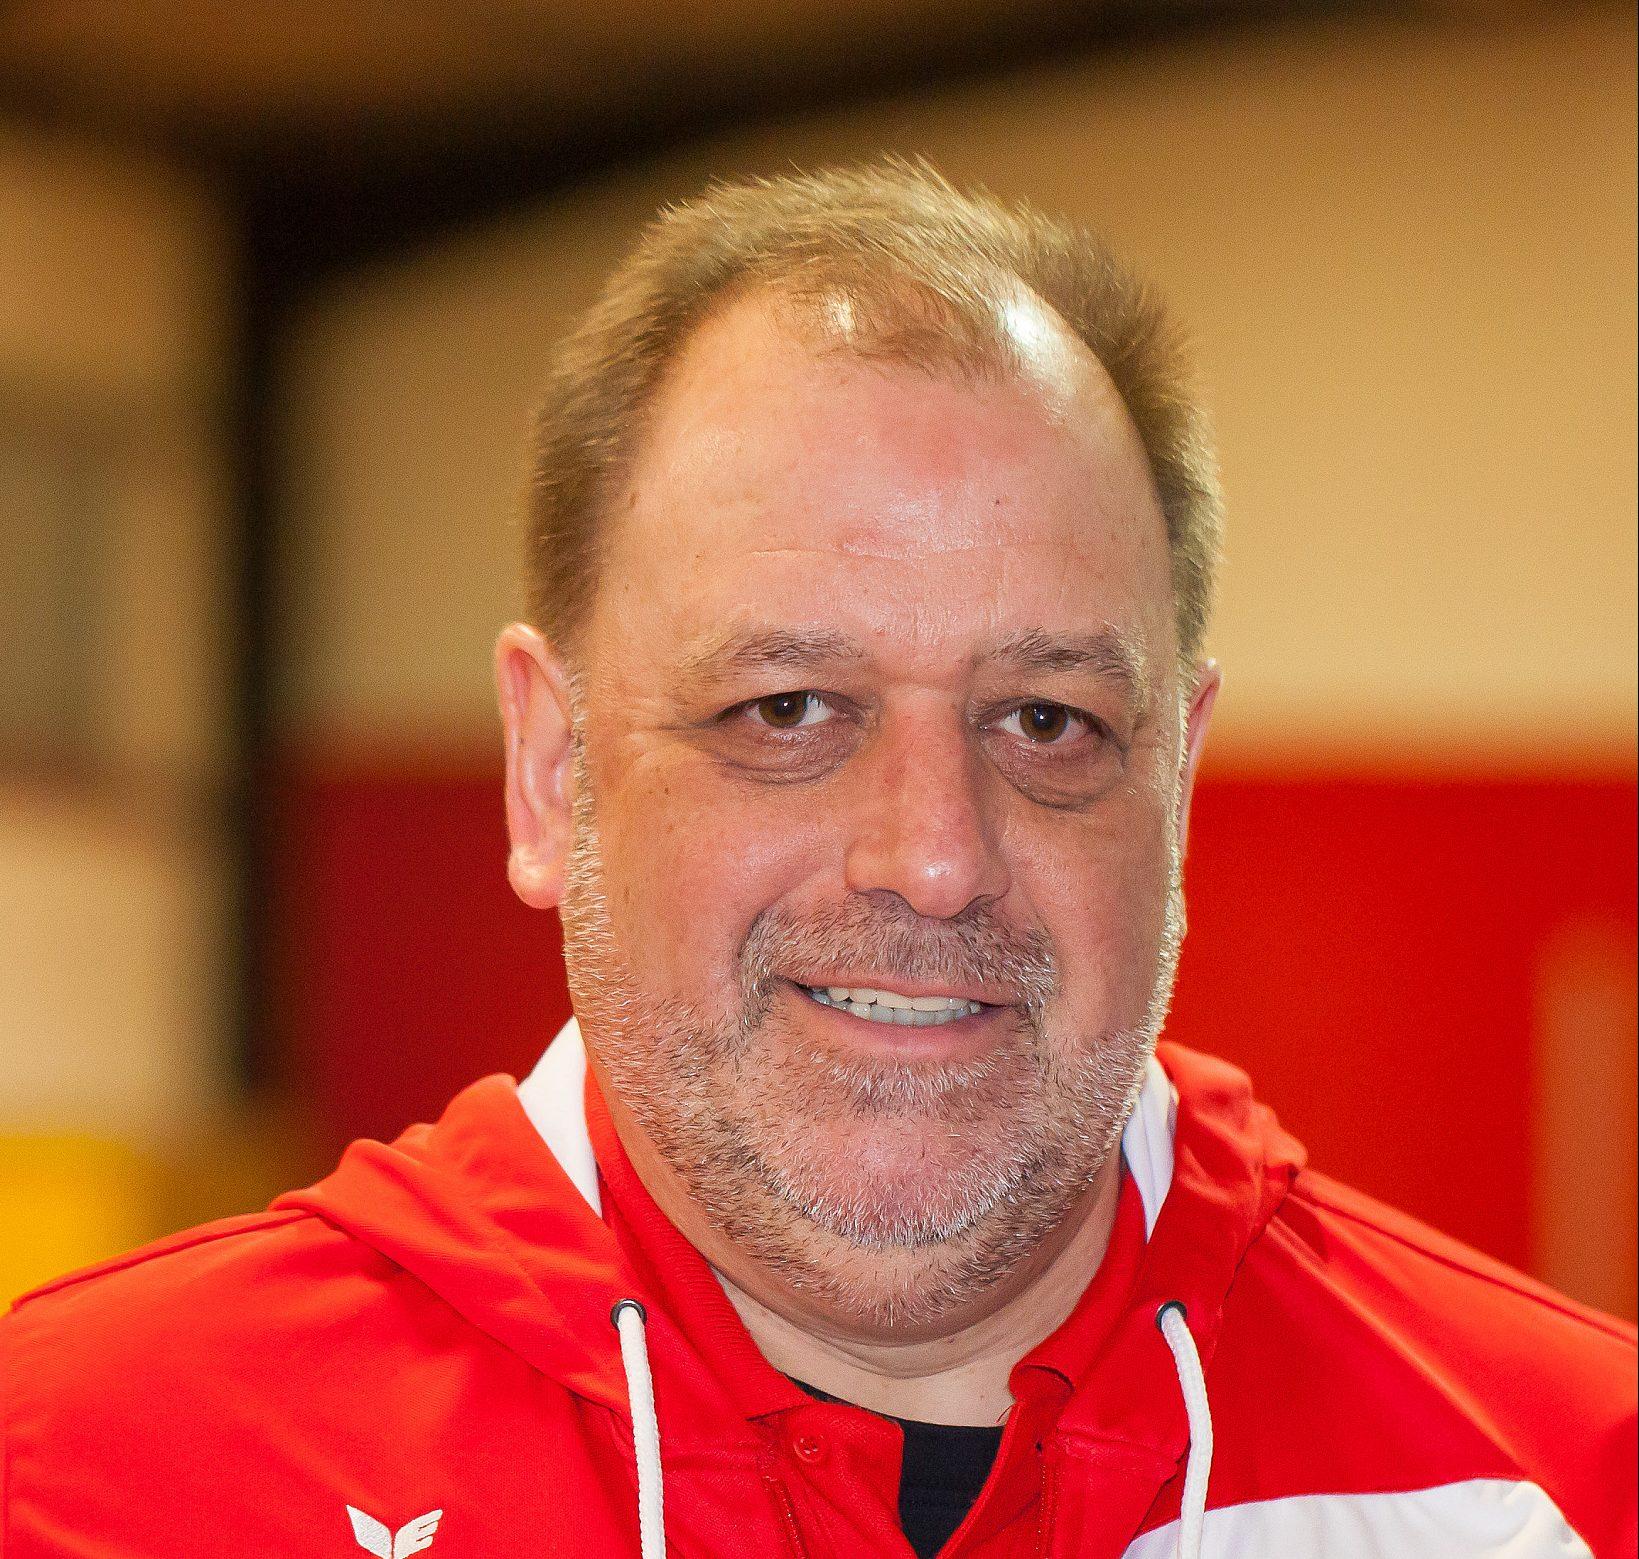 Dieter Jantz